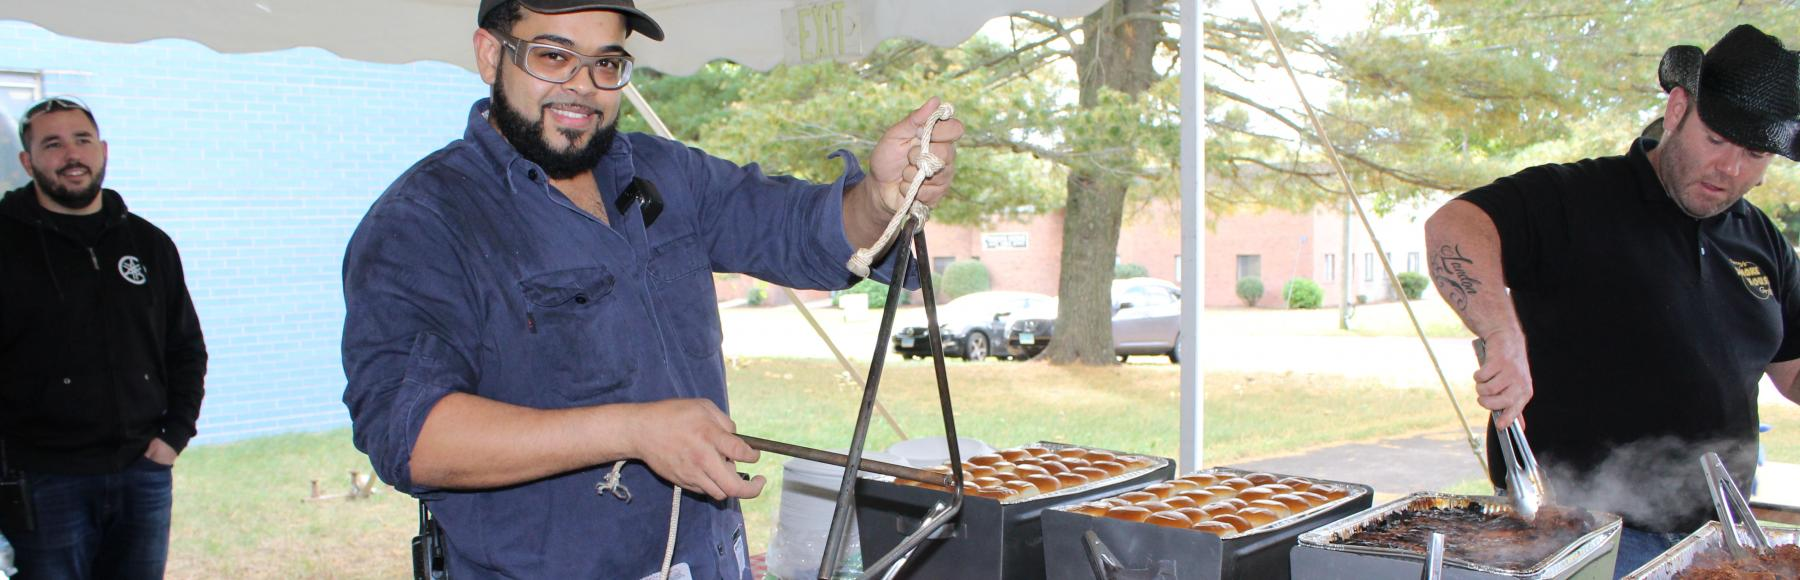 Mann mit Hut, Glas und Bart läutet mit einer Triangel aus Metall den Anfang des Mahls ein. Er steht unter einem Zeltdach vor einem BBQ-Buffet. Ein Mann mit schwarzem Hemd und schwarzem Cowboyhut serviert das Essen.